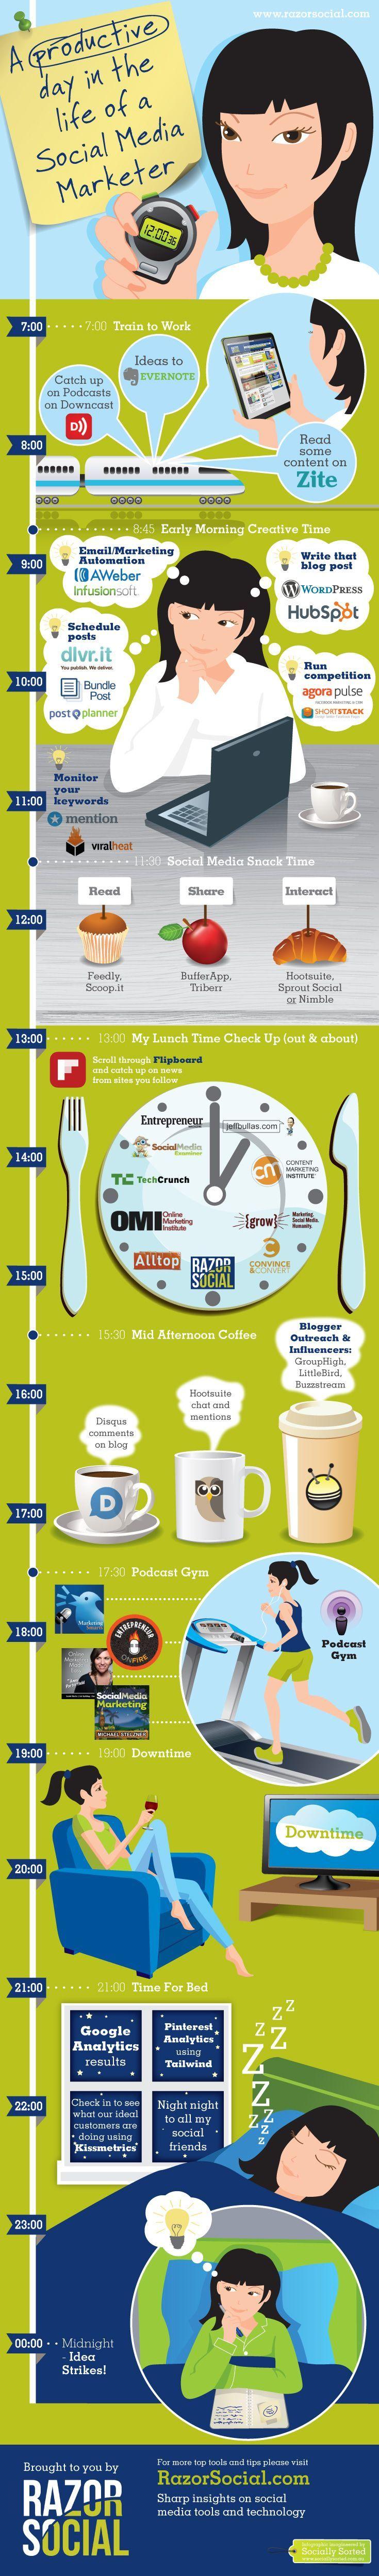 Infographic: A Productive Day in the Life of a Social Media Marketer by @razorsocial Clique aqui http://www.estrategiadigital.pt/ferramentas-de-marketing-digital/ e confira agora mesmo as nossas recomendações de Ferramentas de Marketing Digital